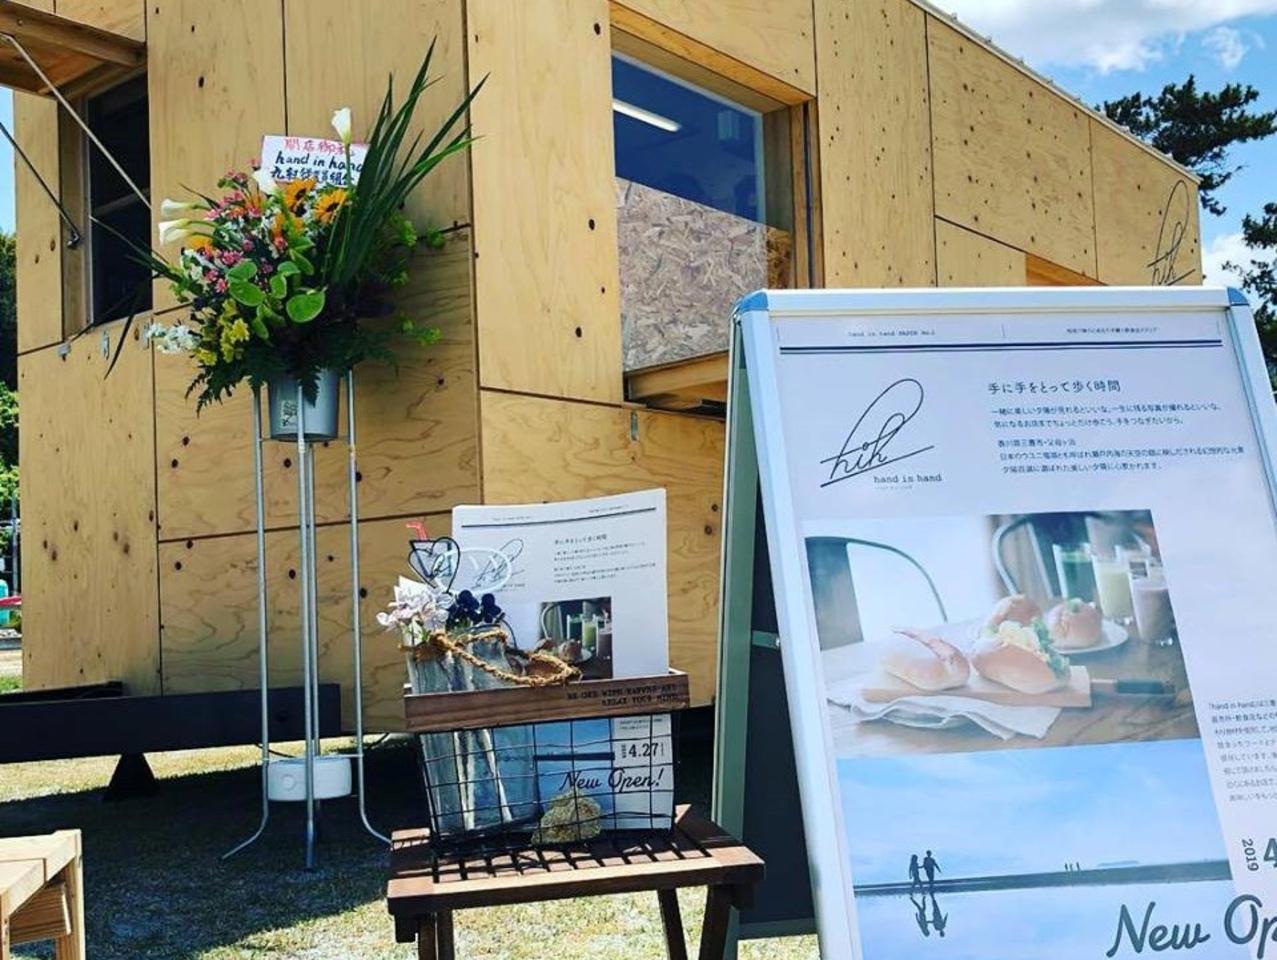 香川県三豊市の父母ヶ浜海岸に地域の魅力とあなたを繋ぐ飲食店メディア「ハンド イン ハンド」オープン!